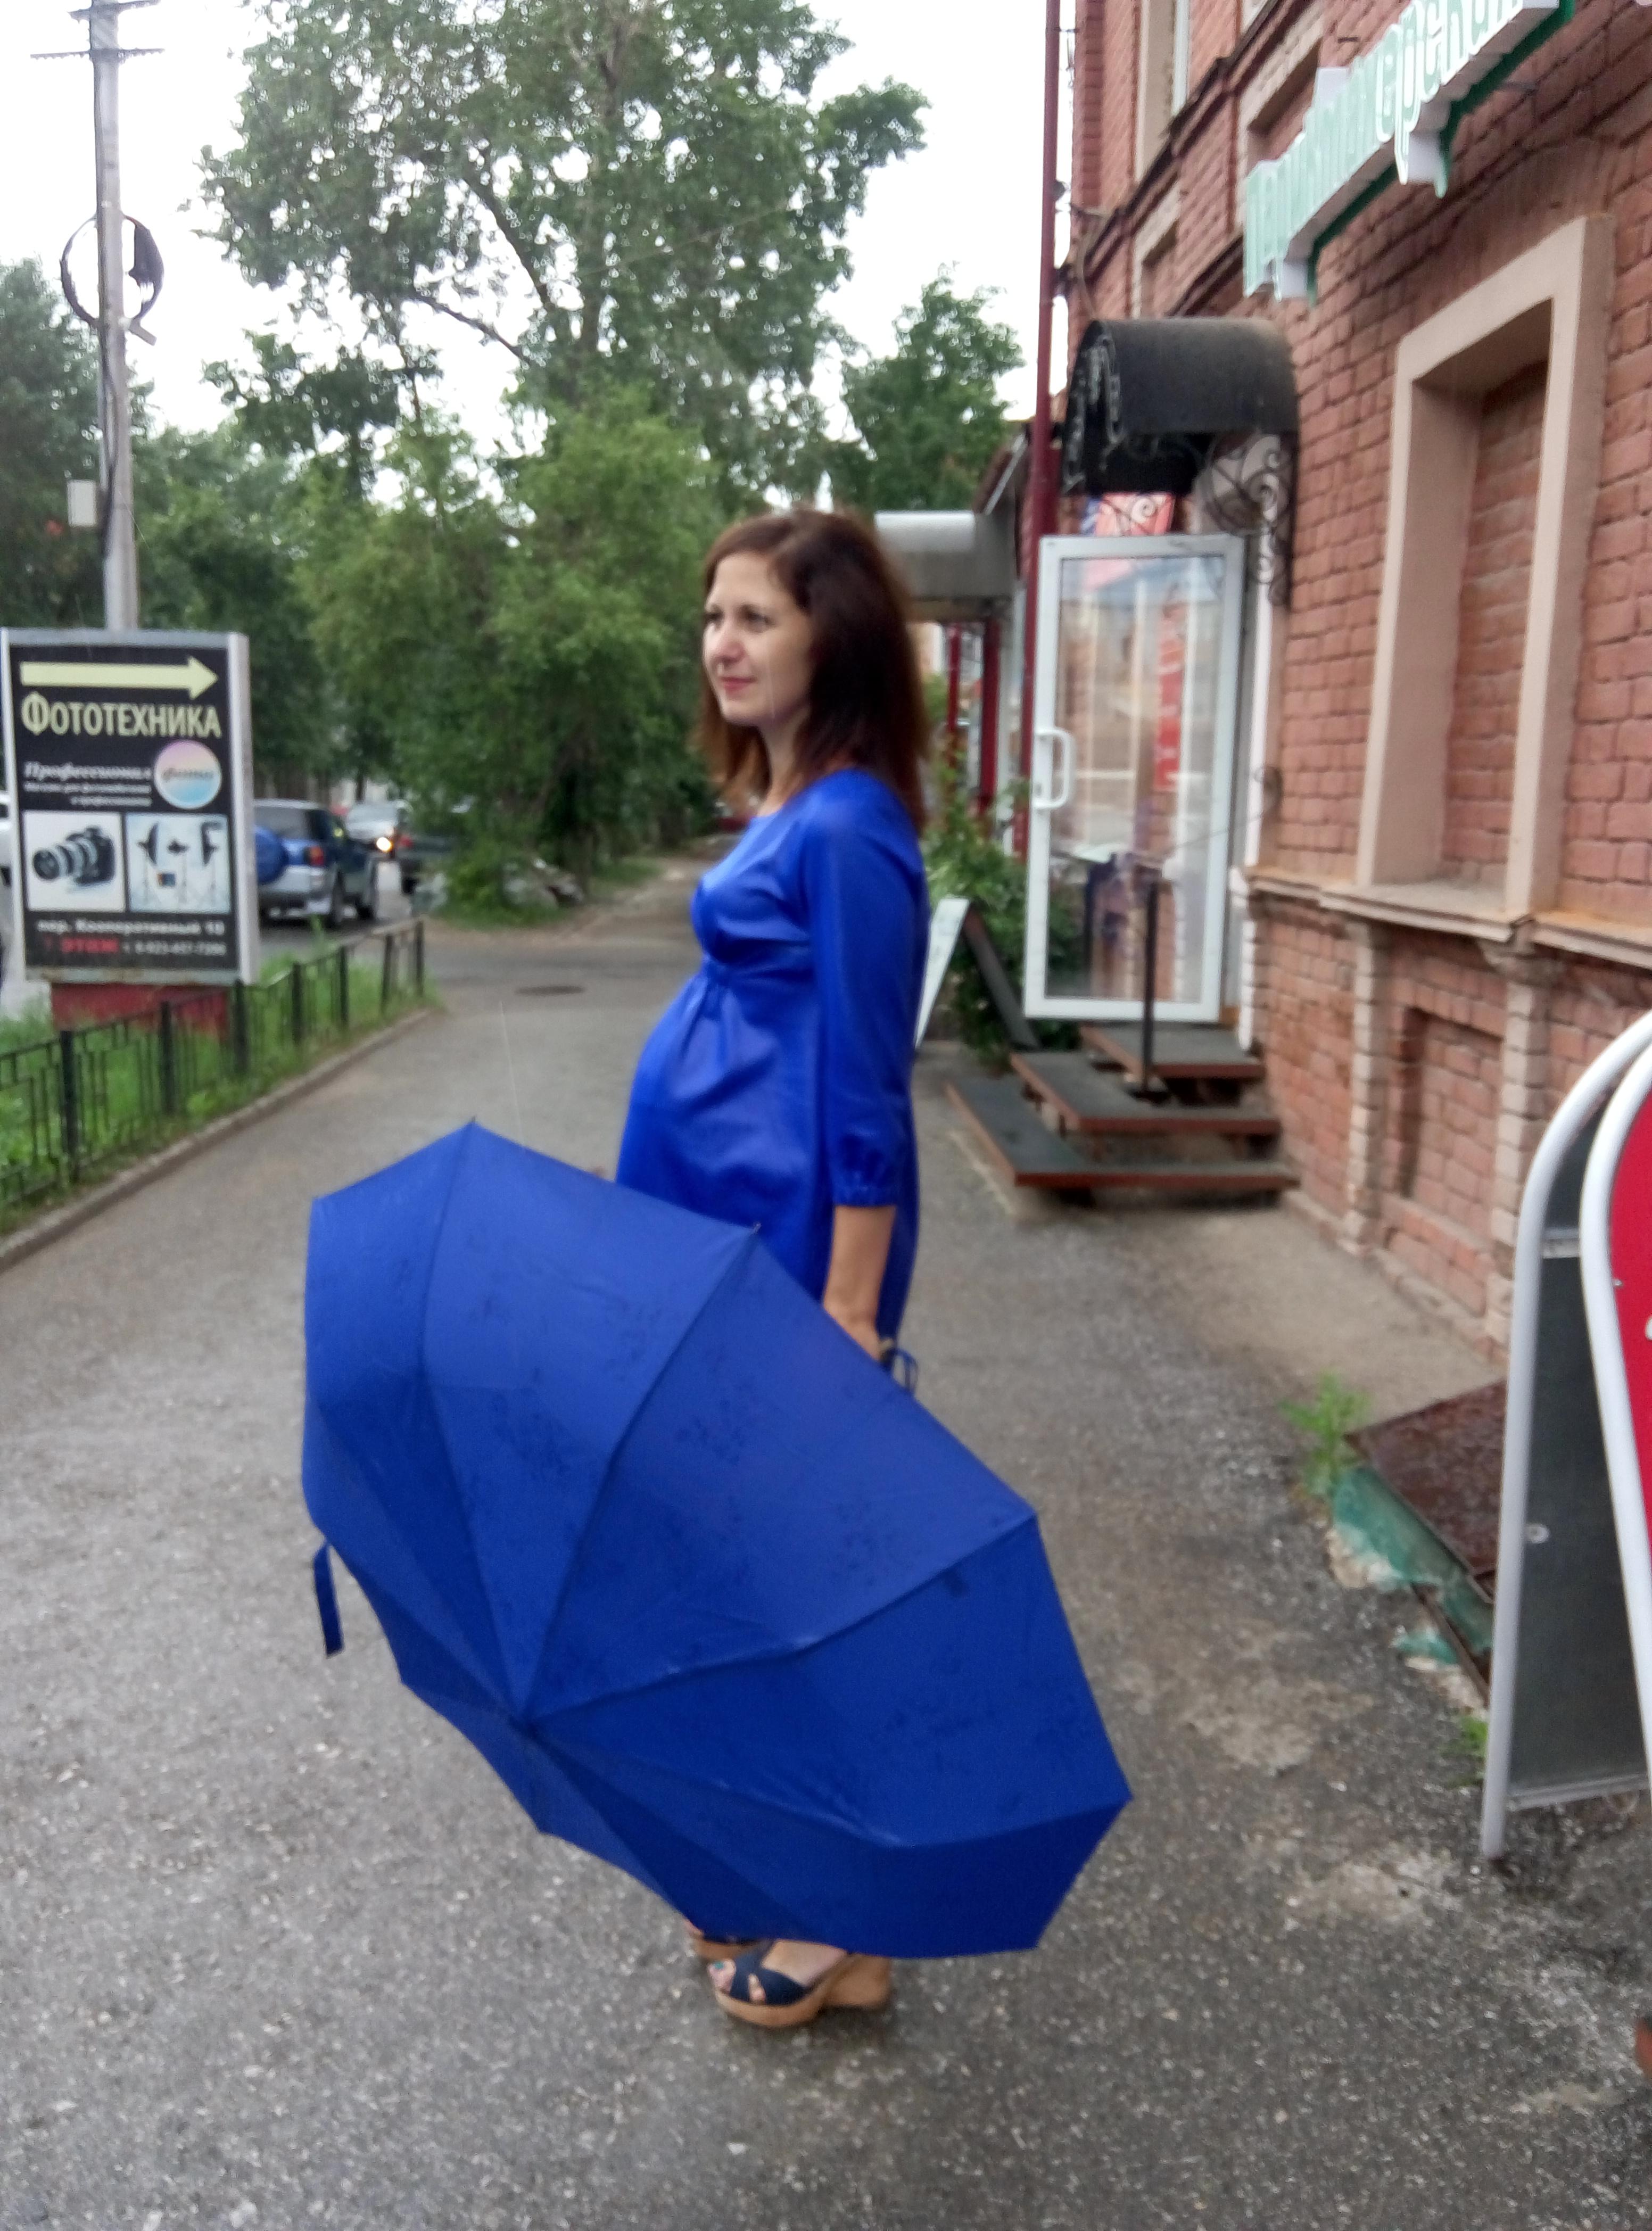 Платье, производство Киргизия, рр 44,46,48,50 ,цена 1750 руб, цвет электрик.       Новая цена 1200 руб.